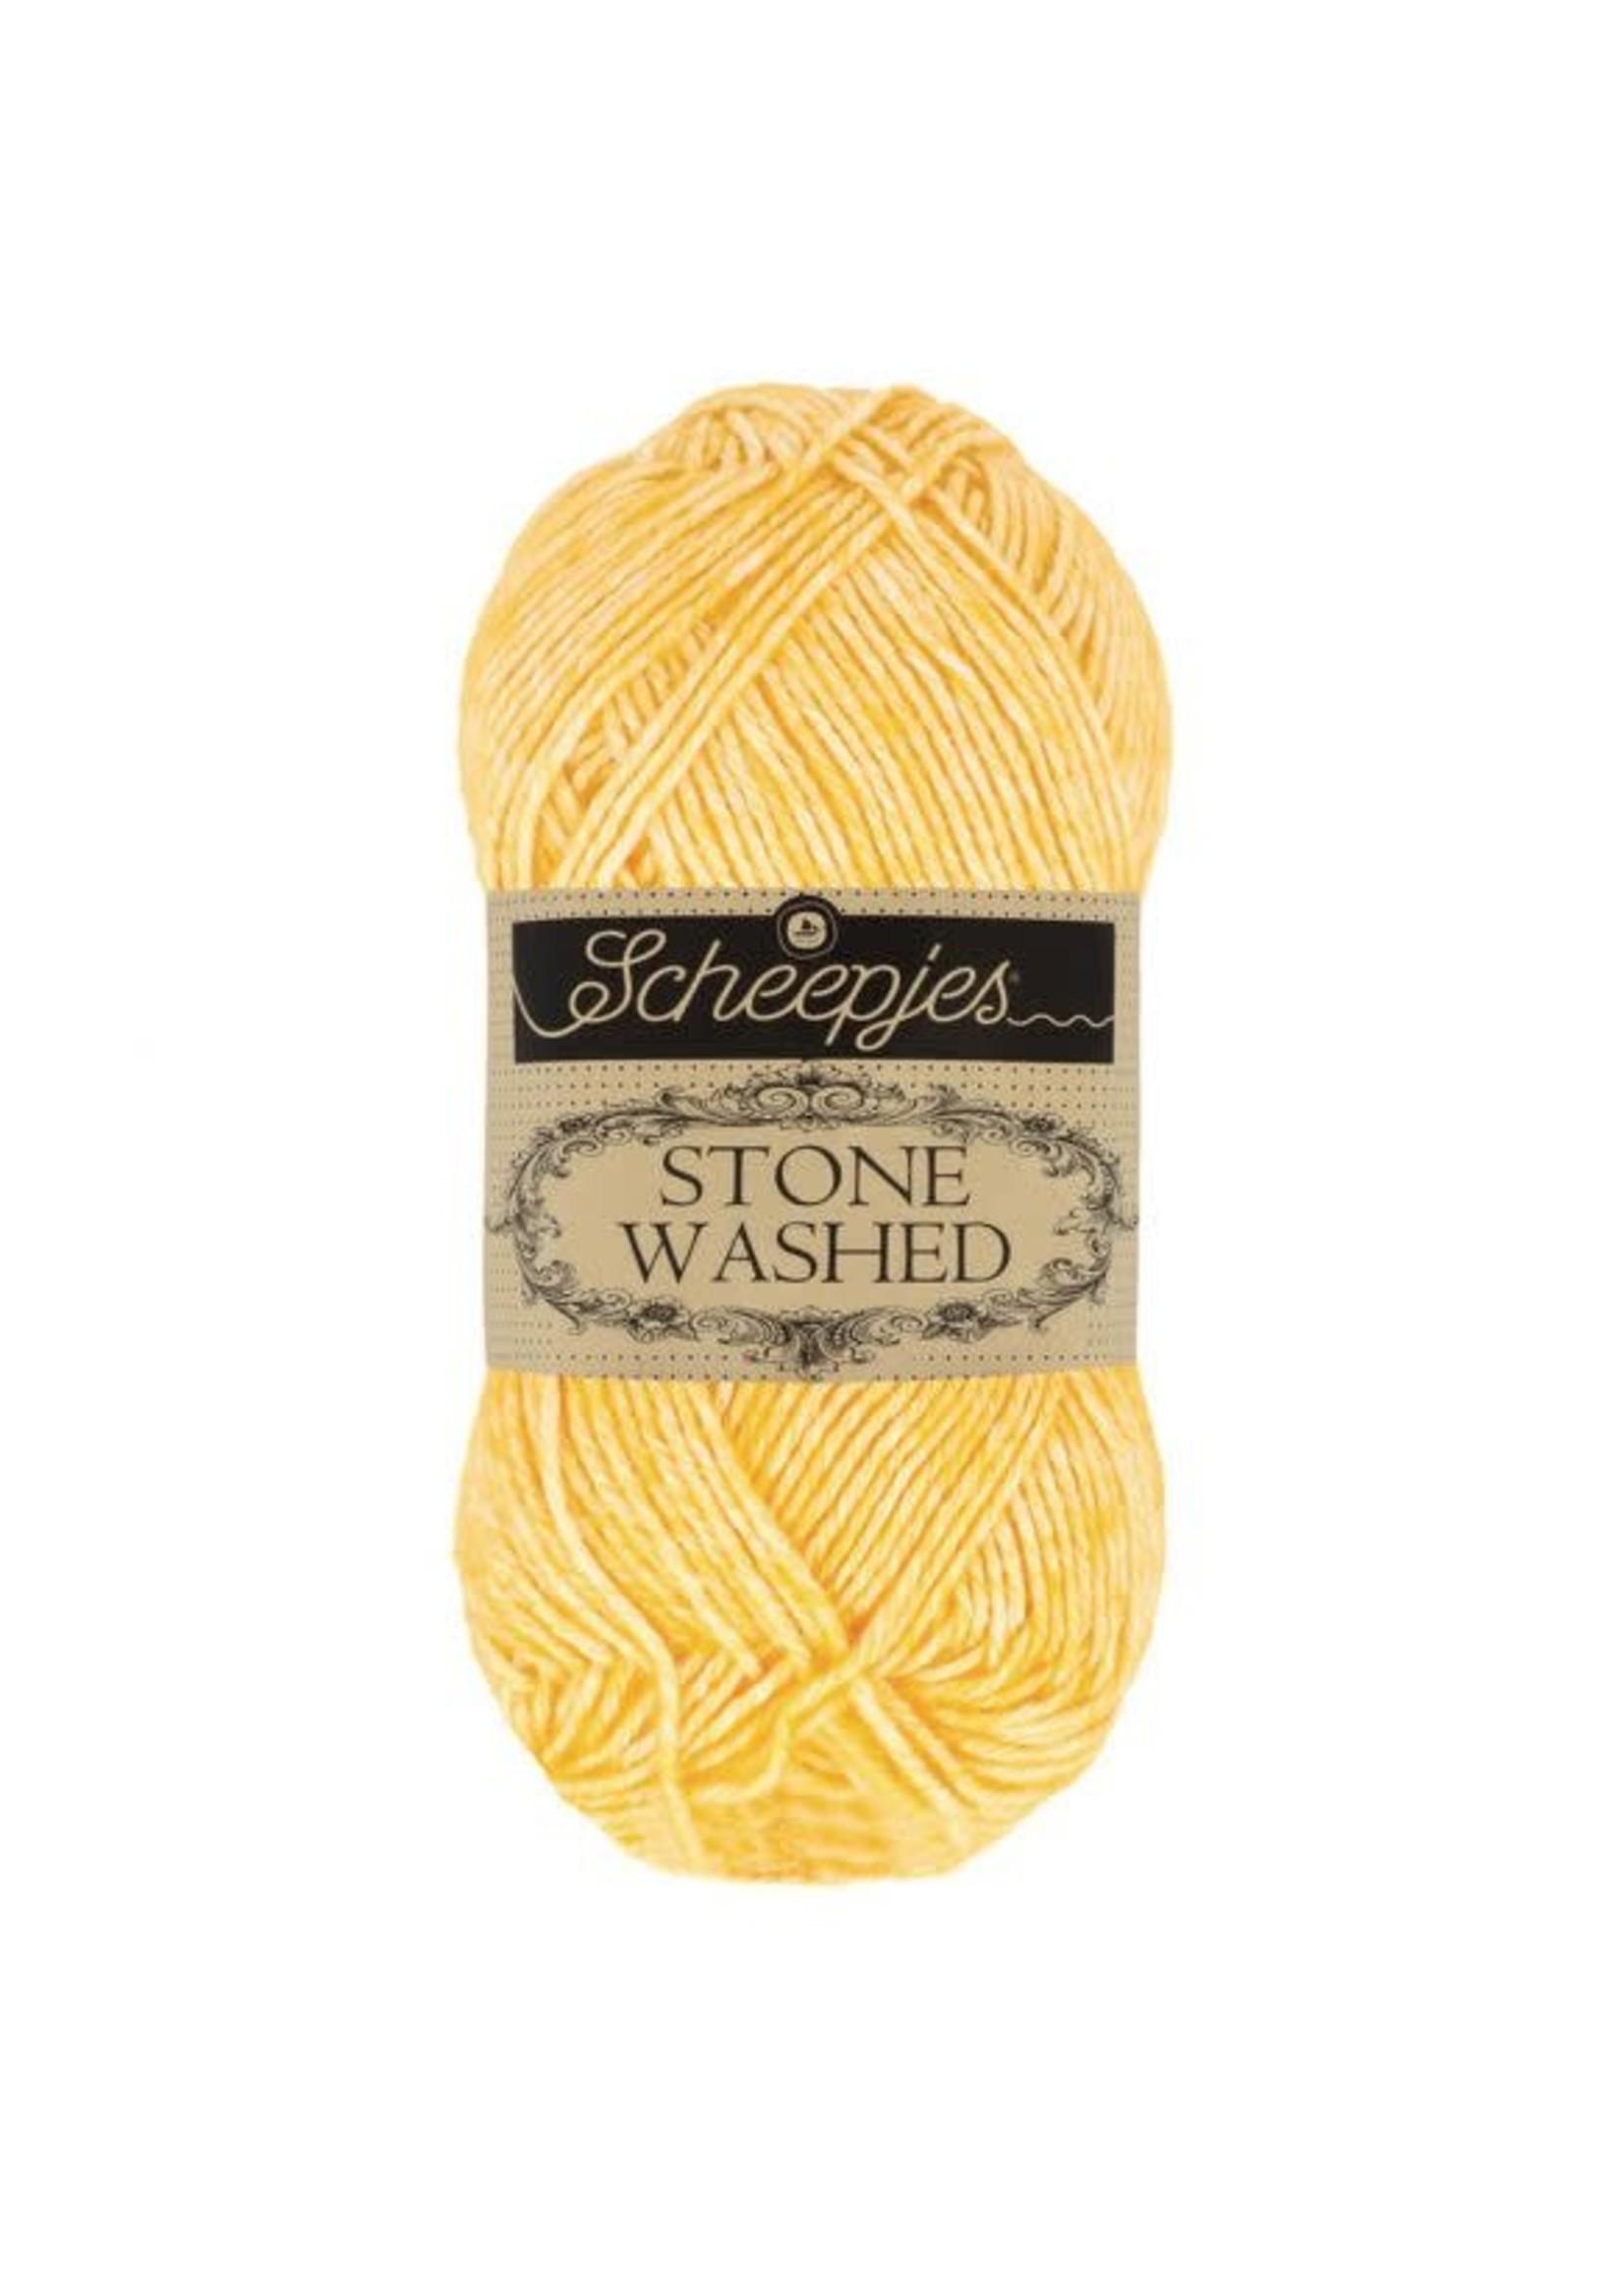 Scheepjes Stone Washed 50gr - 833 Beryl